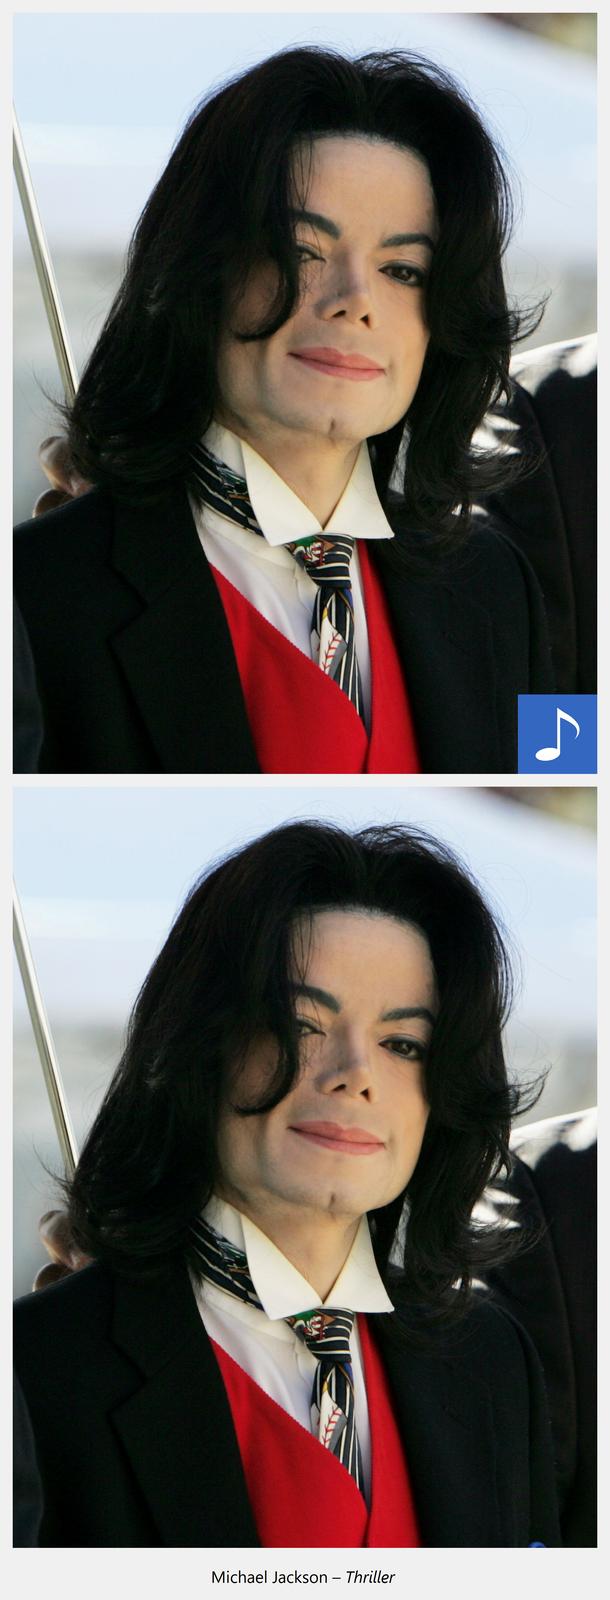 Ilustracja interaktywna przedstawiająca Michaela Jacksona zdługimi ciemnymi włosami, mocno zaznaczonymi czarnym makijażem oczami. Widoczny jest od piersi wgórę, ma czarną marynarkę, białą koszulę, czerwoną kamizelkę iczarno-biały krawat. Po kliknięciu kursorem myszki wgrafikę odtworzony zostaje utwór muzyczny oraz wyświetlona informacja: Michael Jackson-Triller.